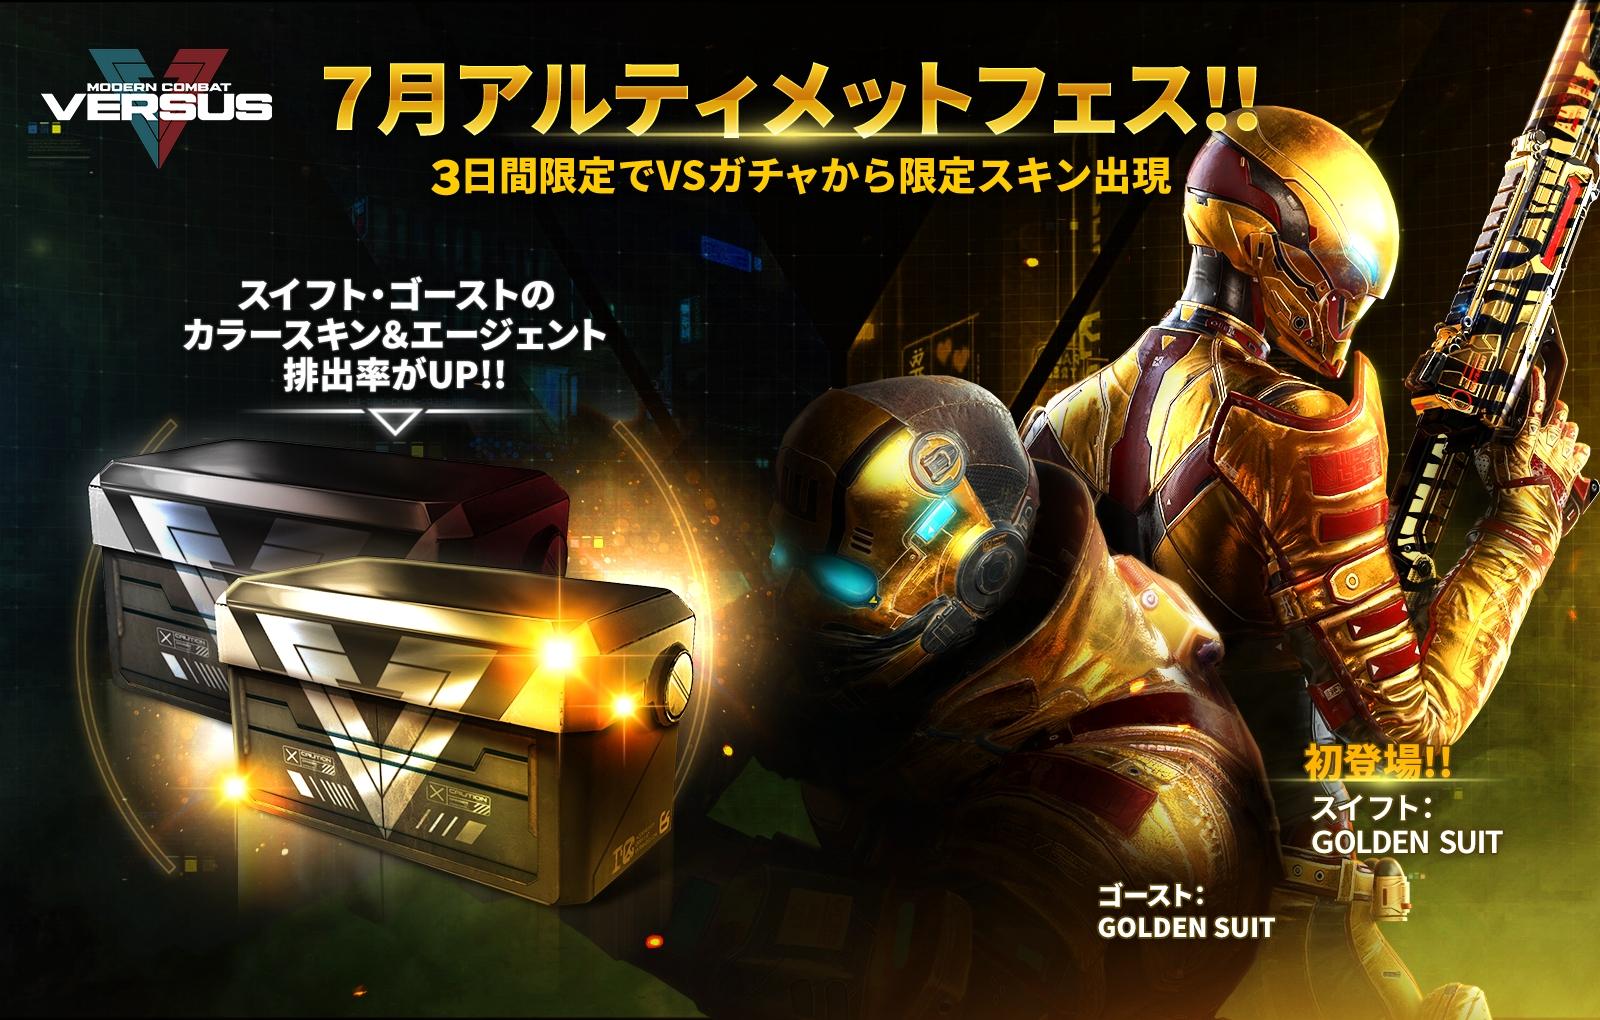 『モダコンVS』でスイフトの新スキン「GOLDEN SUIT」が登場!